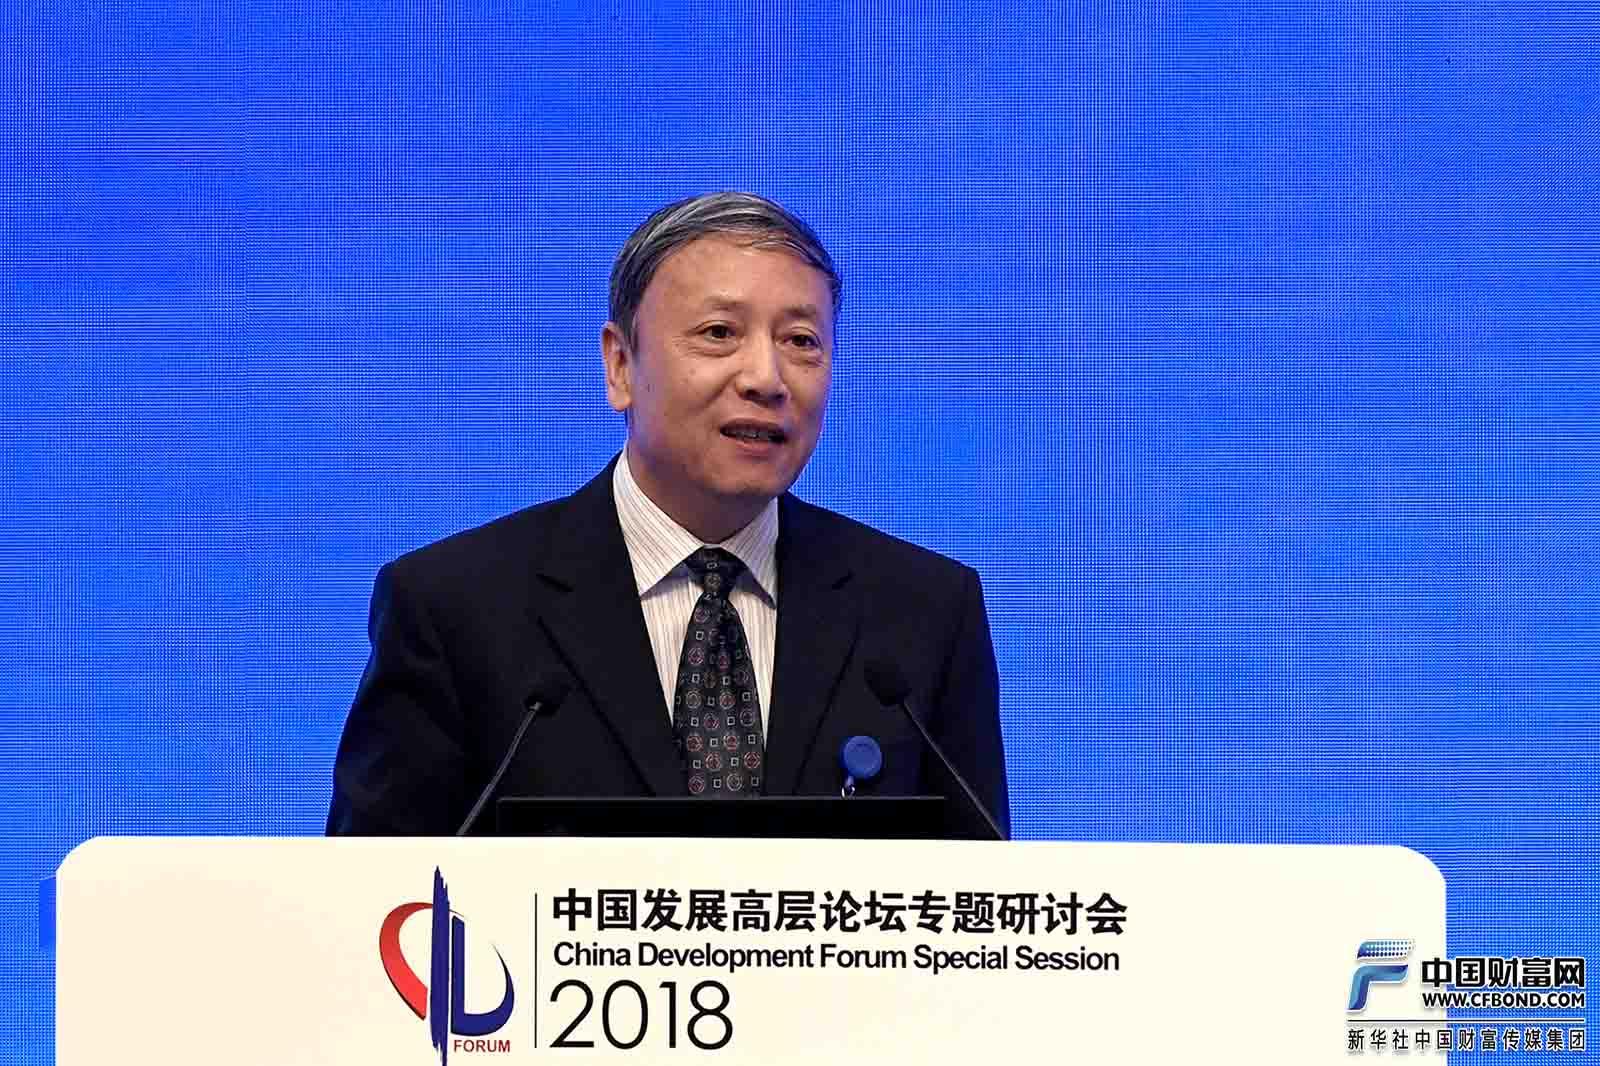 蔡昉:减轻企业负担 推进供给侧结构性改革